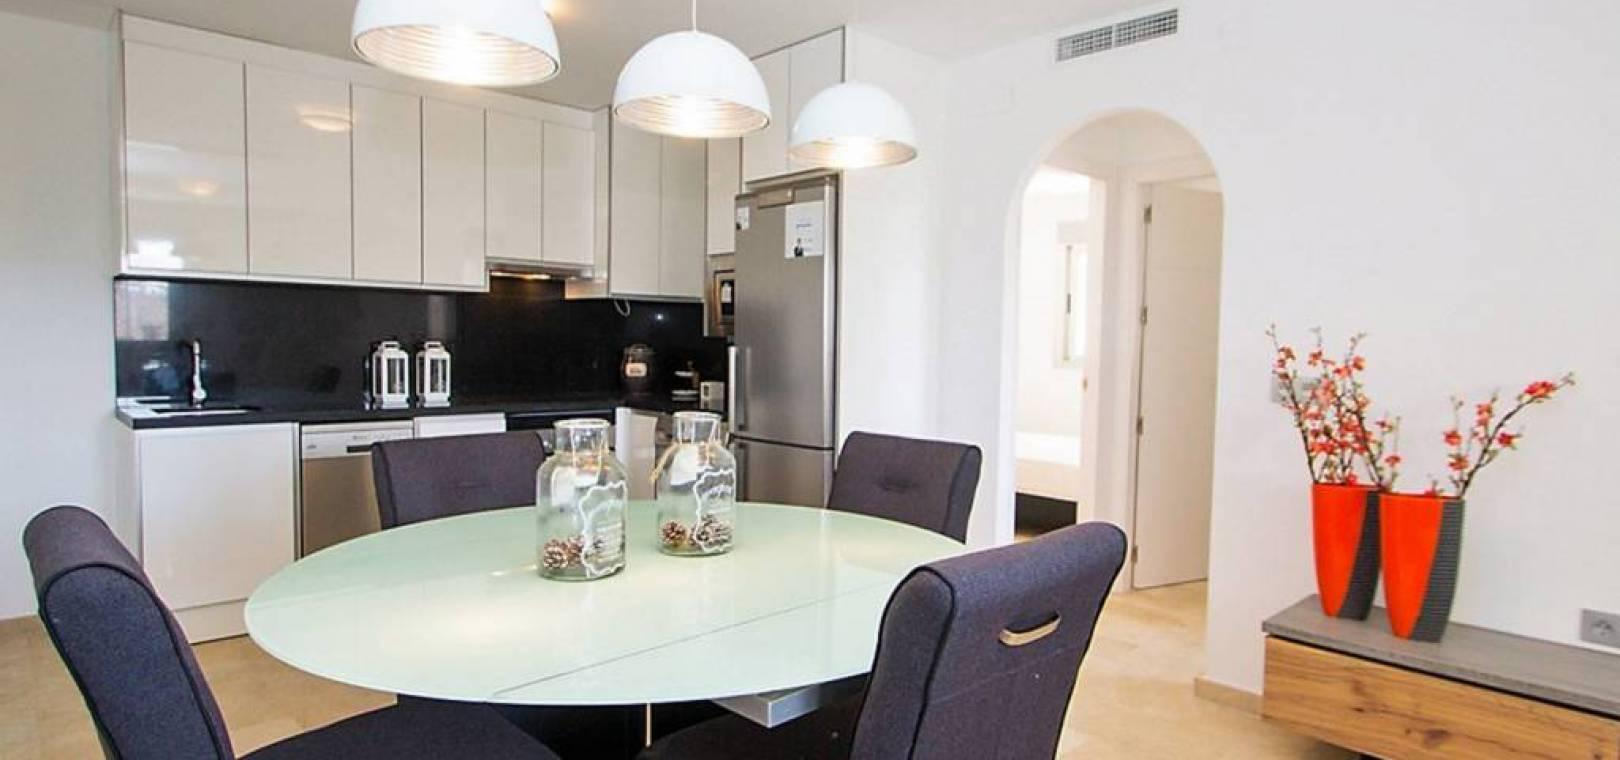 Nieuw gebouw - Appartement - Villamartin